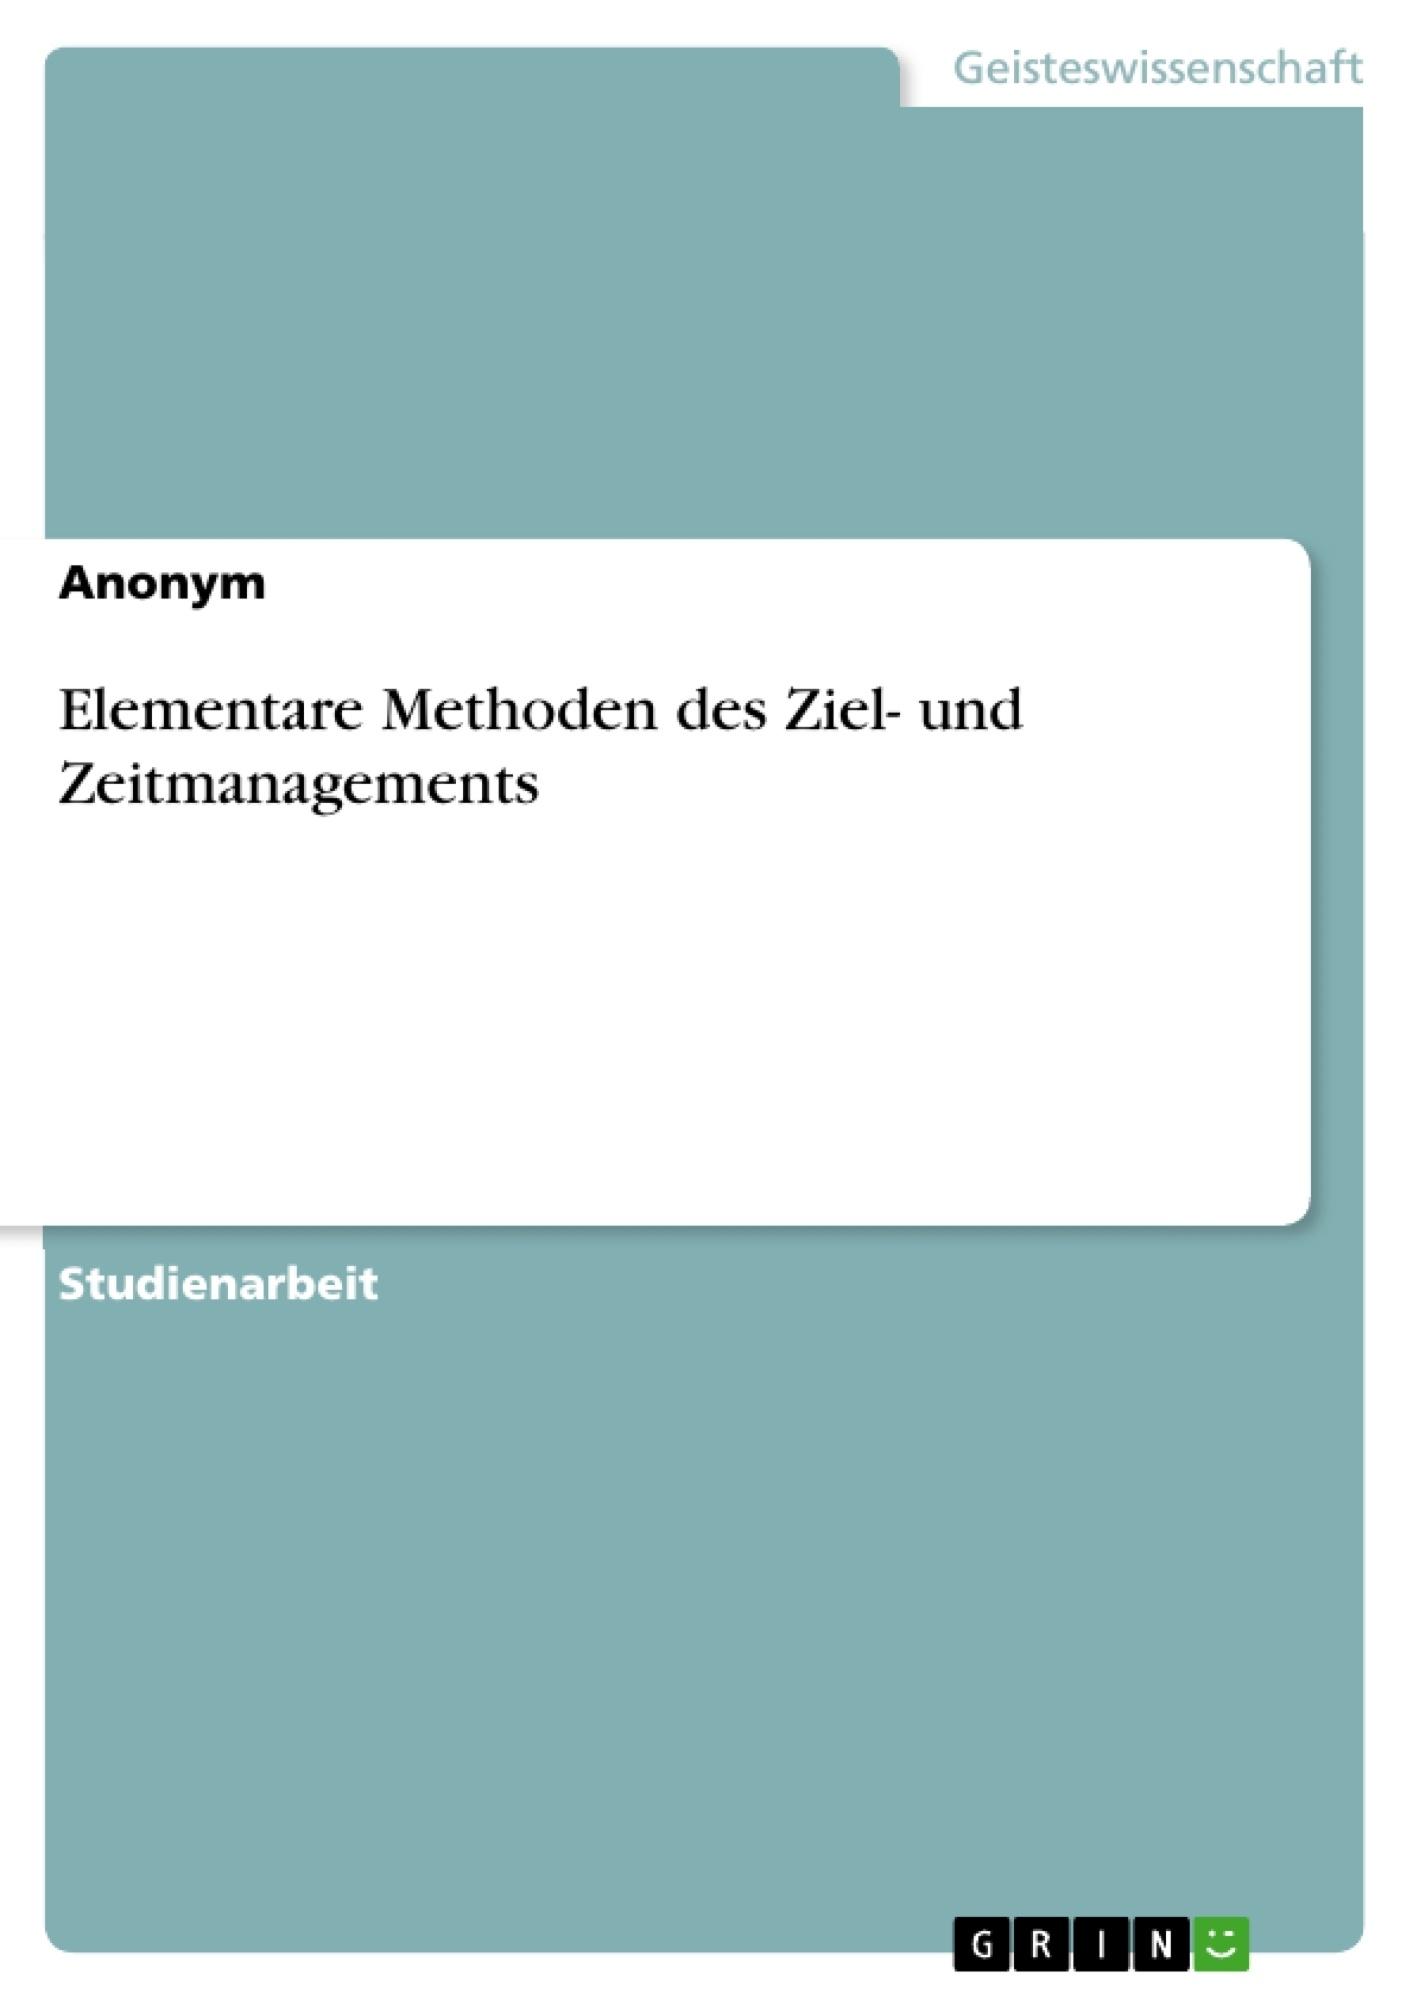 Titel: Elementare Methoden des Ziel- und Zeitmanagements